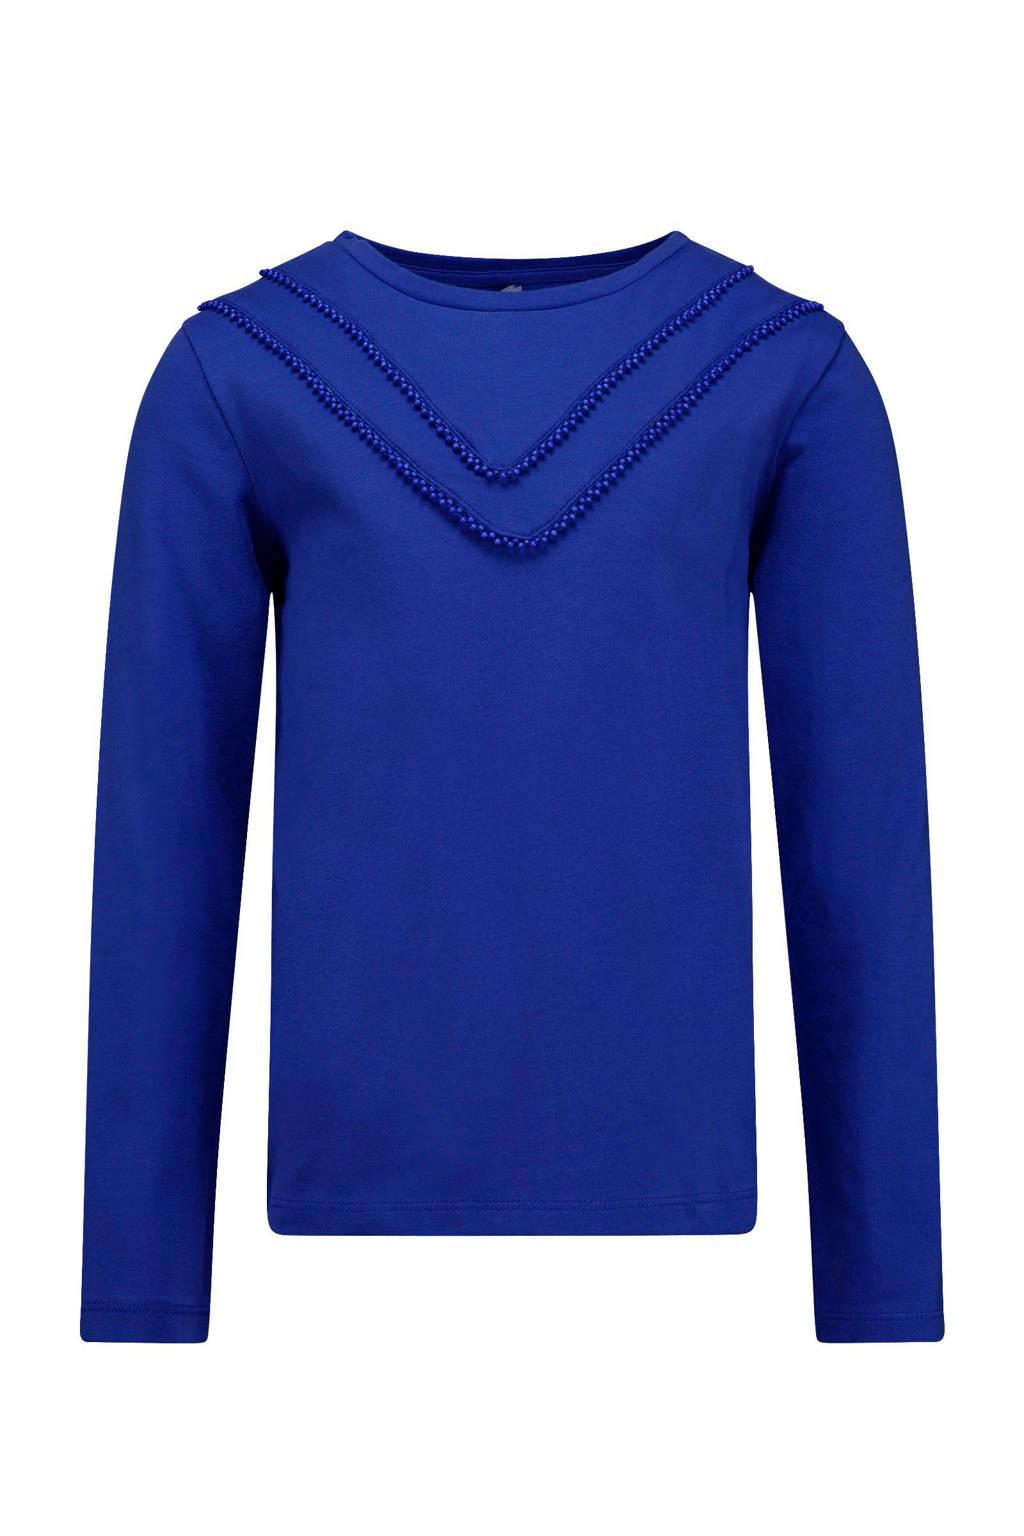 CKS KIDS longsleeve Ivanka met contrastbies kobaltblauw, Kobaltblauw